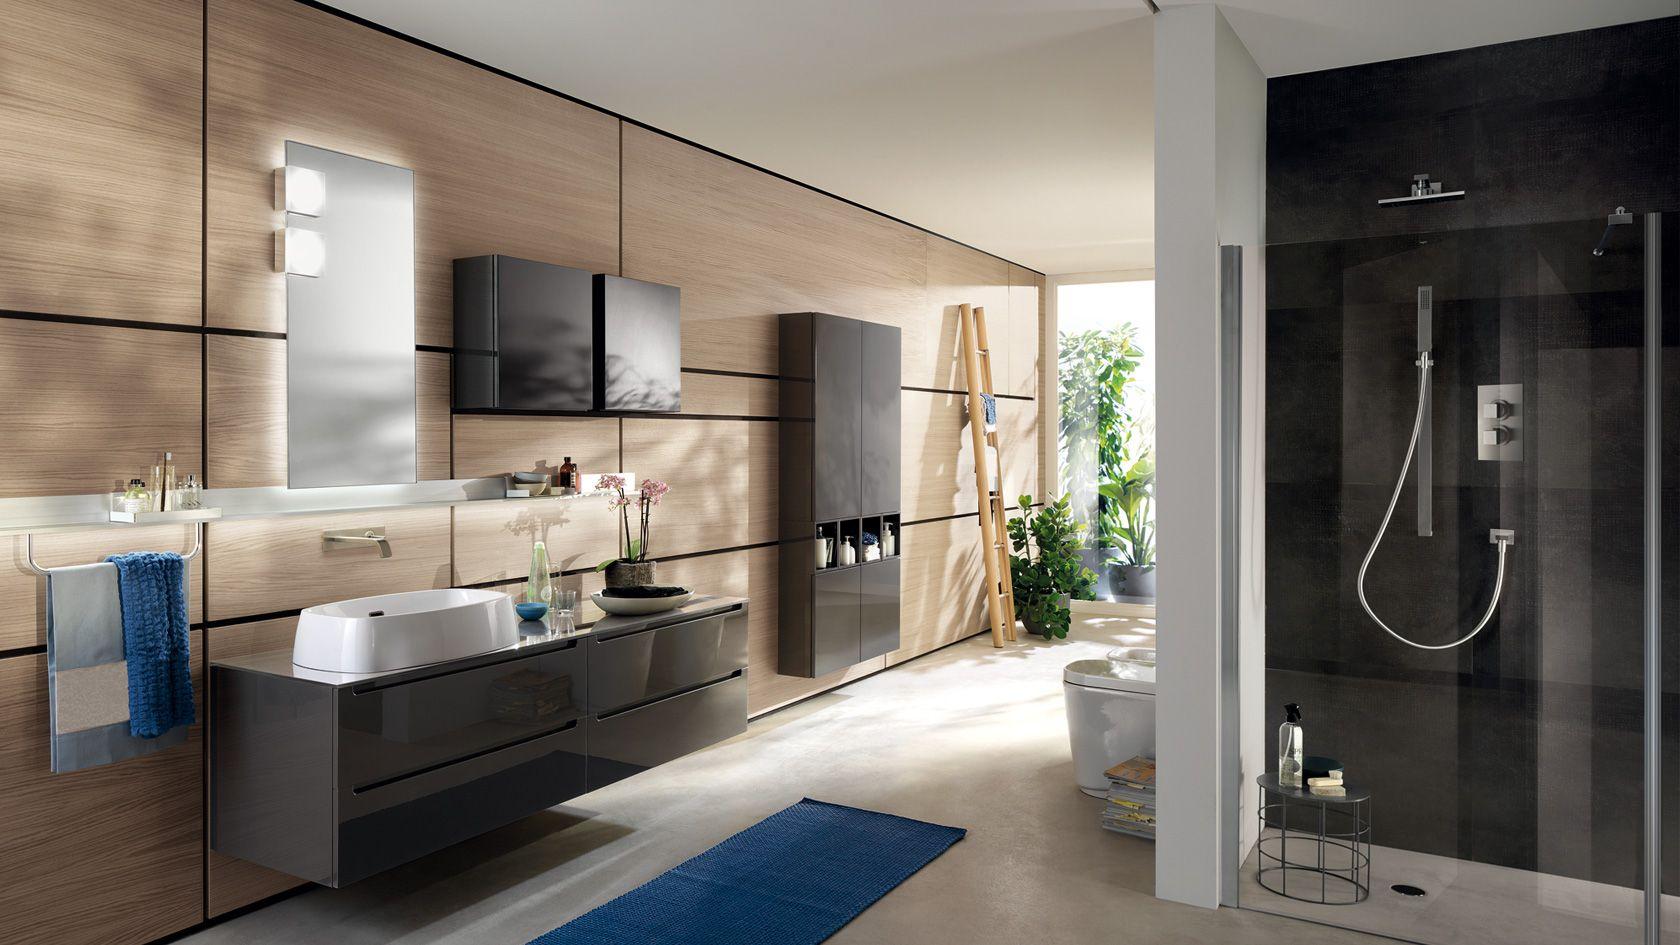 Bagno Idro Scavolini | Arredamento bagno | Pinterest | Bagno, Bagni ...